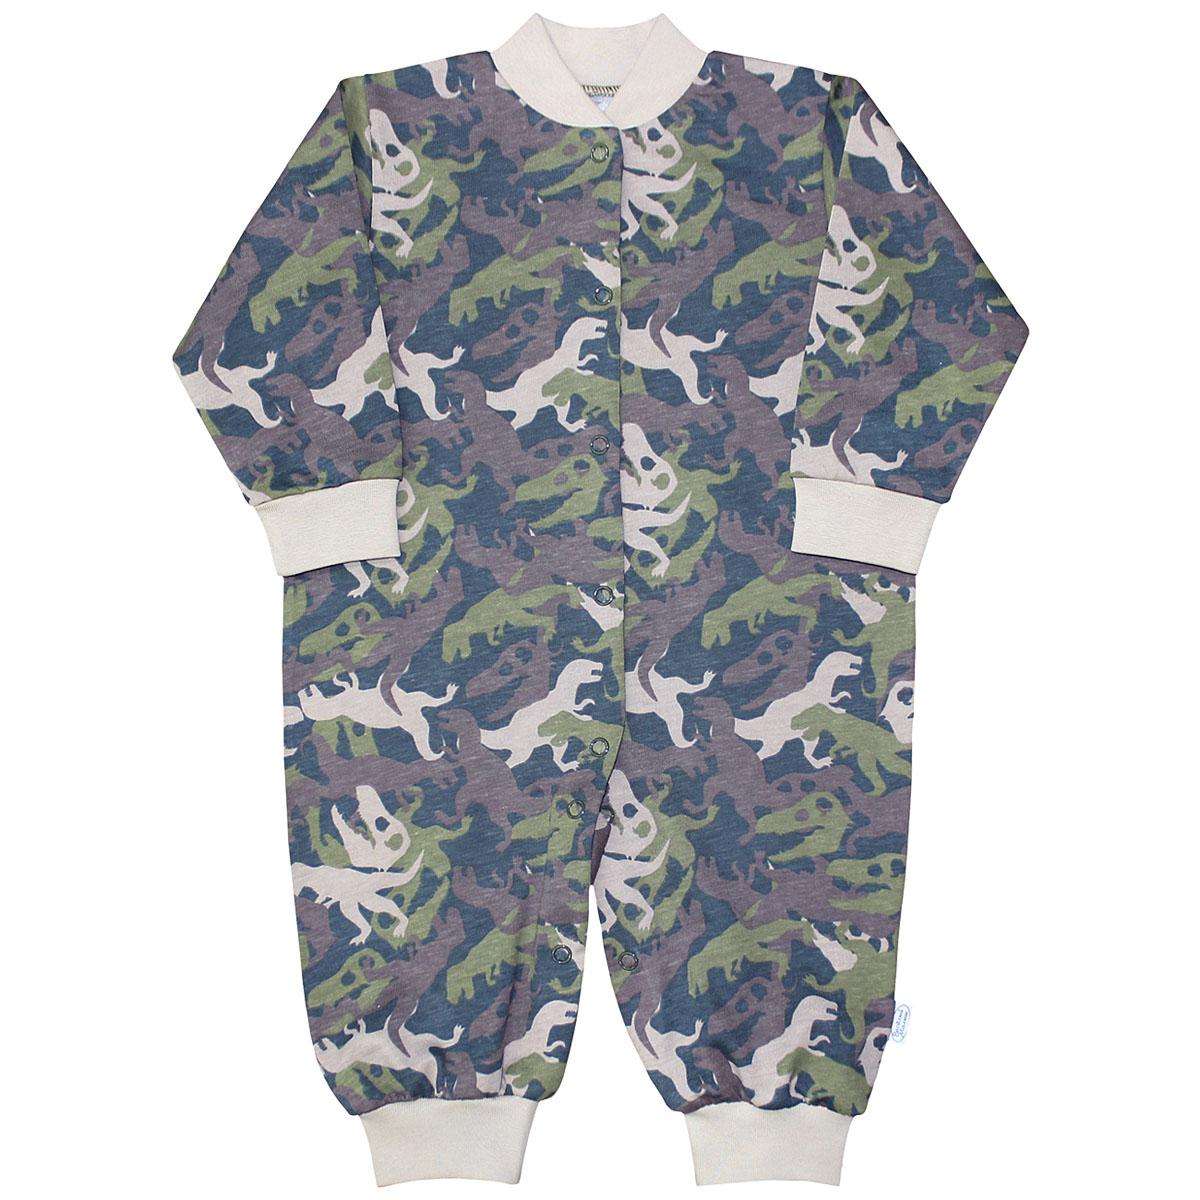 Комбинезон домашний для мальчика Веселый малыш Динозавры, цвет: темно-зеленый. 251/172/ди-хаки. Размер 86